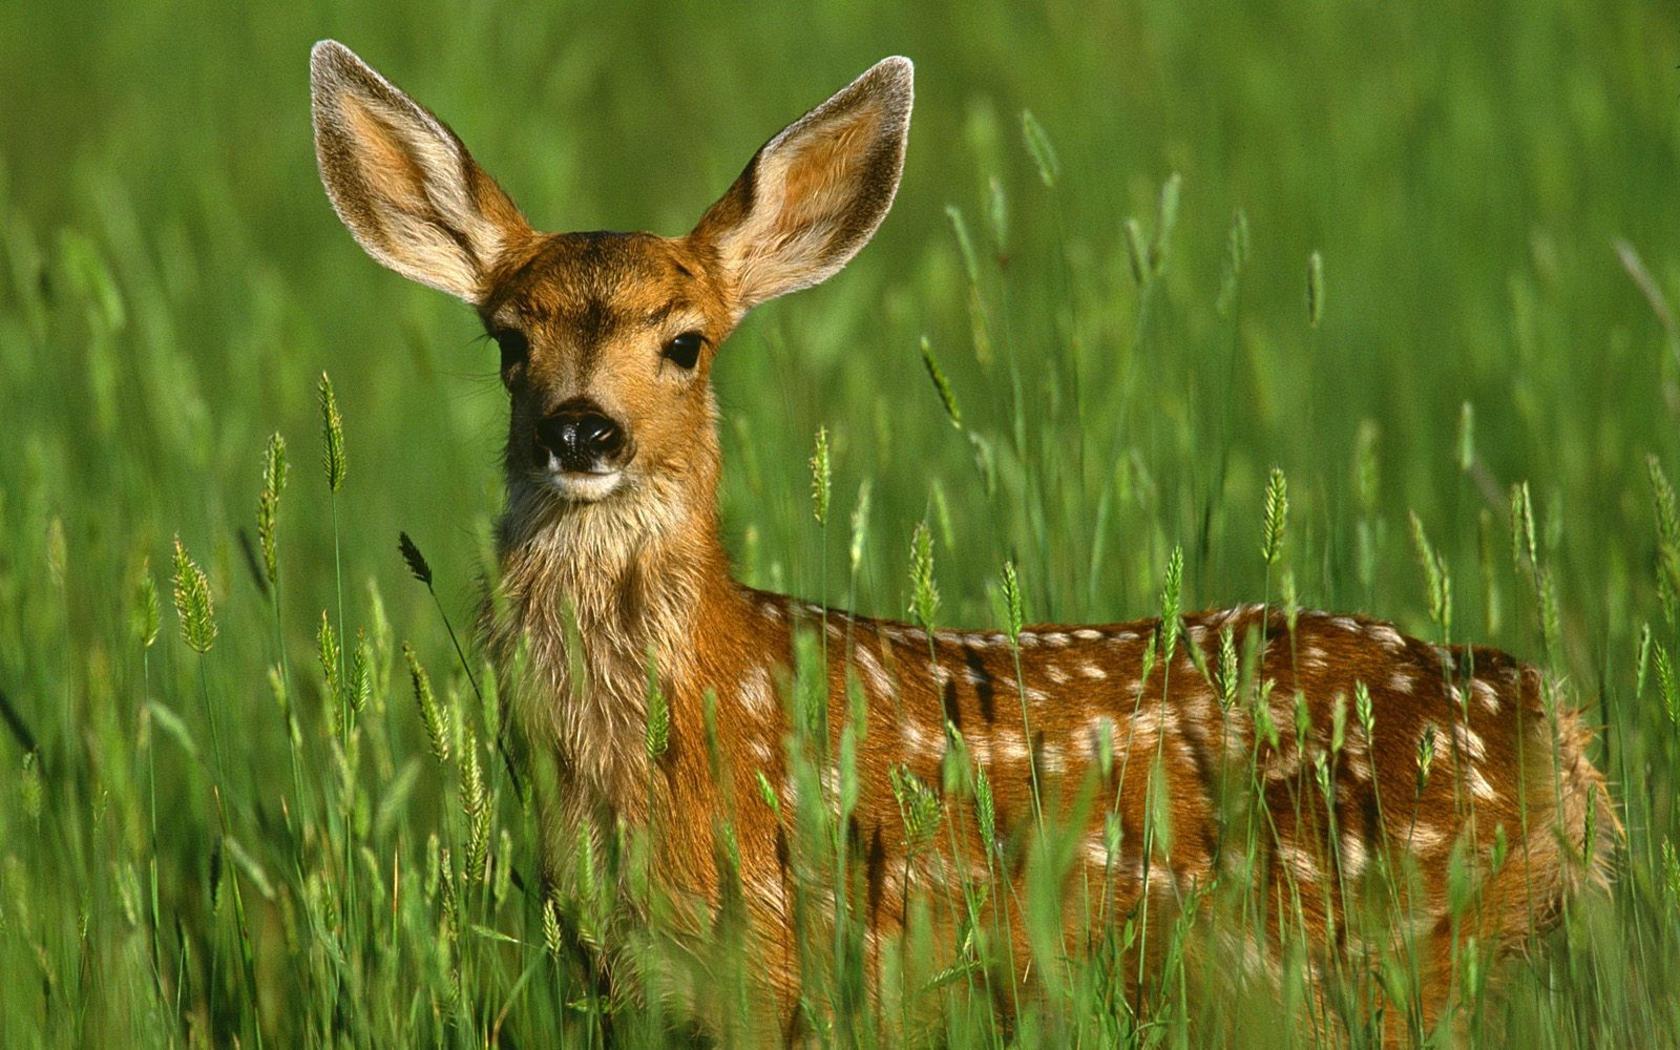 free download Deer wallpaper pc Deer Download Deer Hd Image For Pc 1680x1050